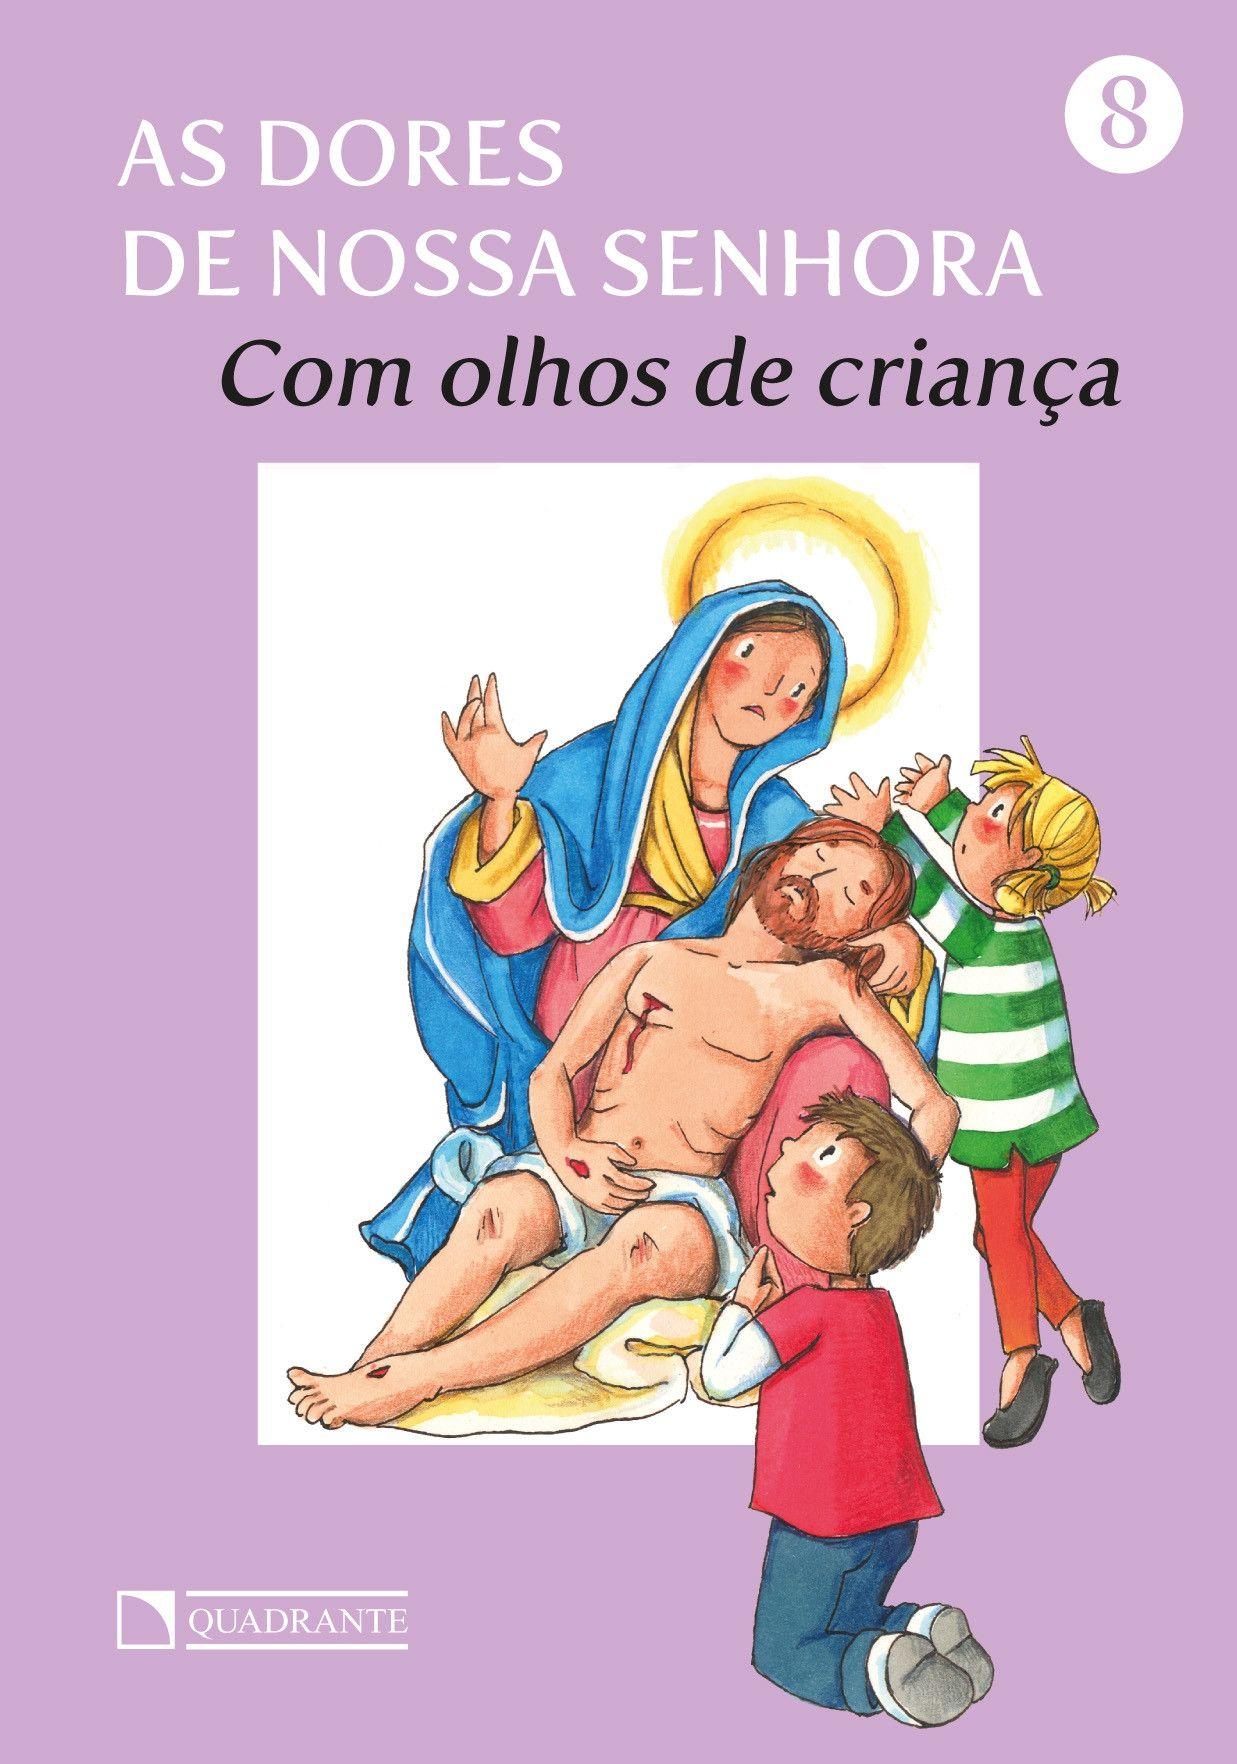 As dores de Nossa Senhora